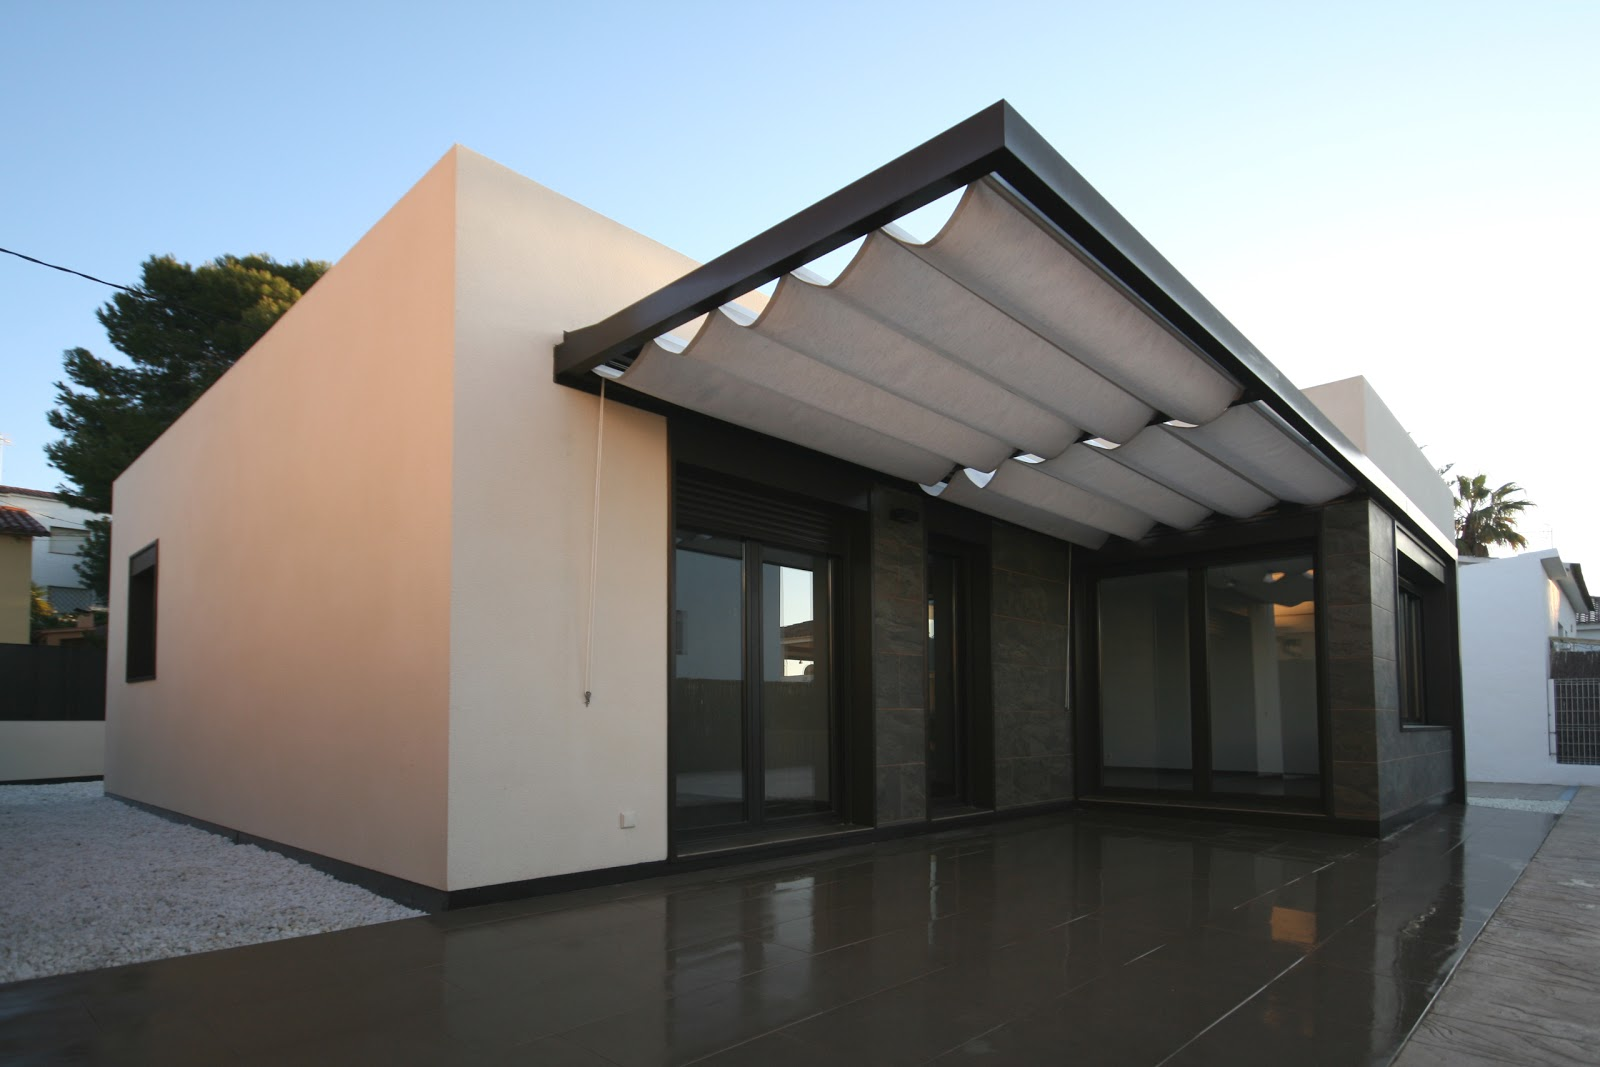 Casas modulares blochouse casas modulares blochouse modelo 1 - Casa modulares prefabricadas ...